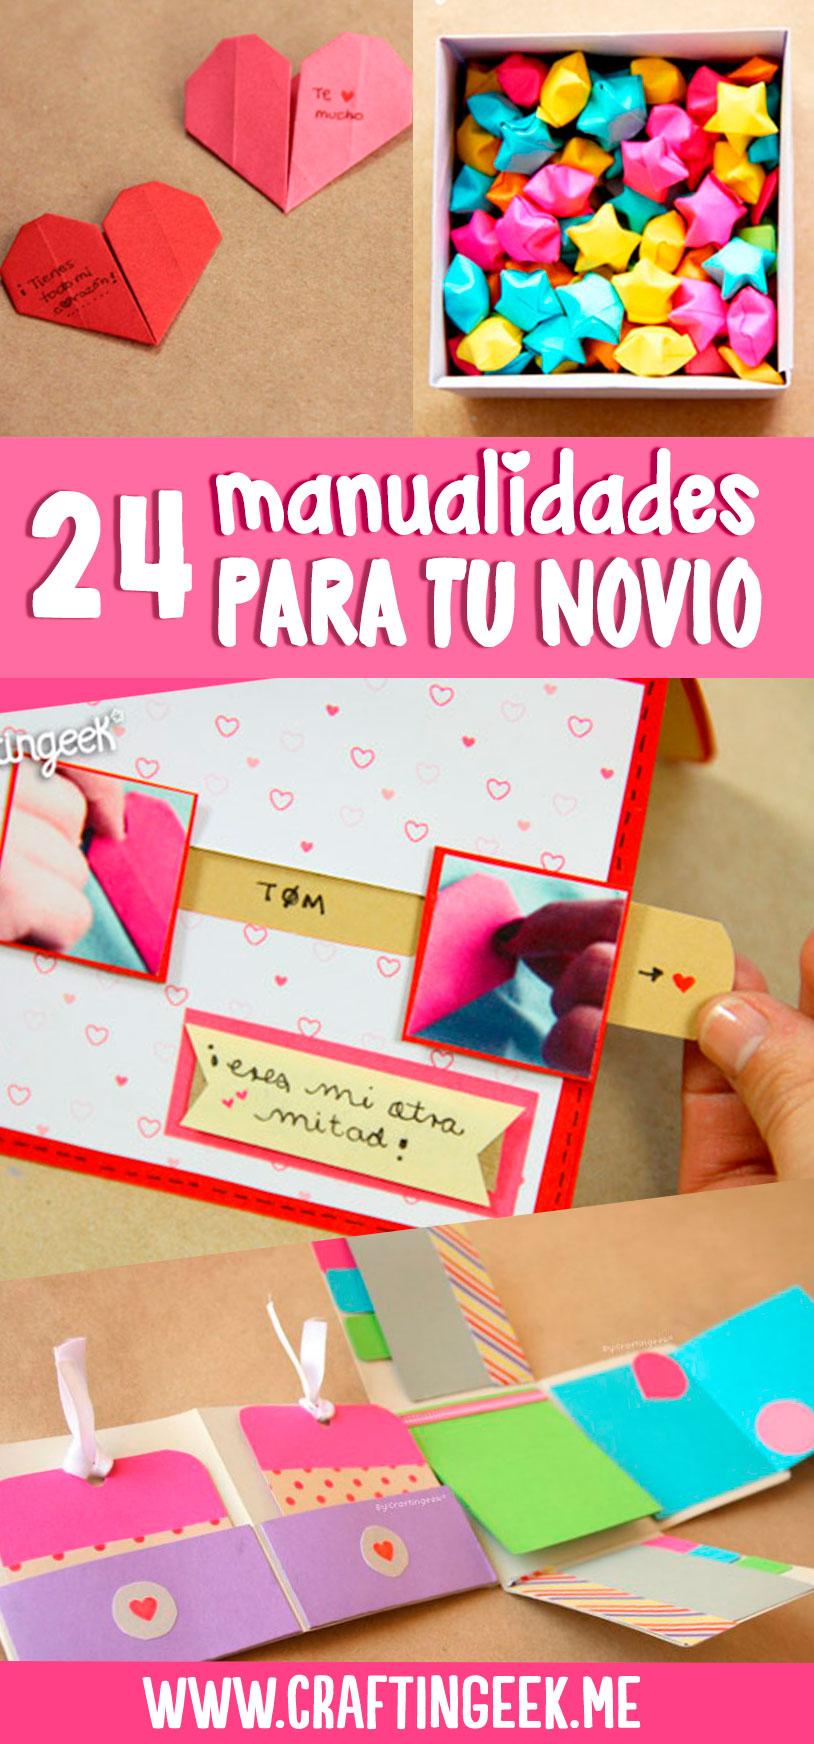 24 manualidades para tu novio o novia - Que regalarle a tu novio en el primer mes ...